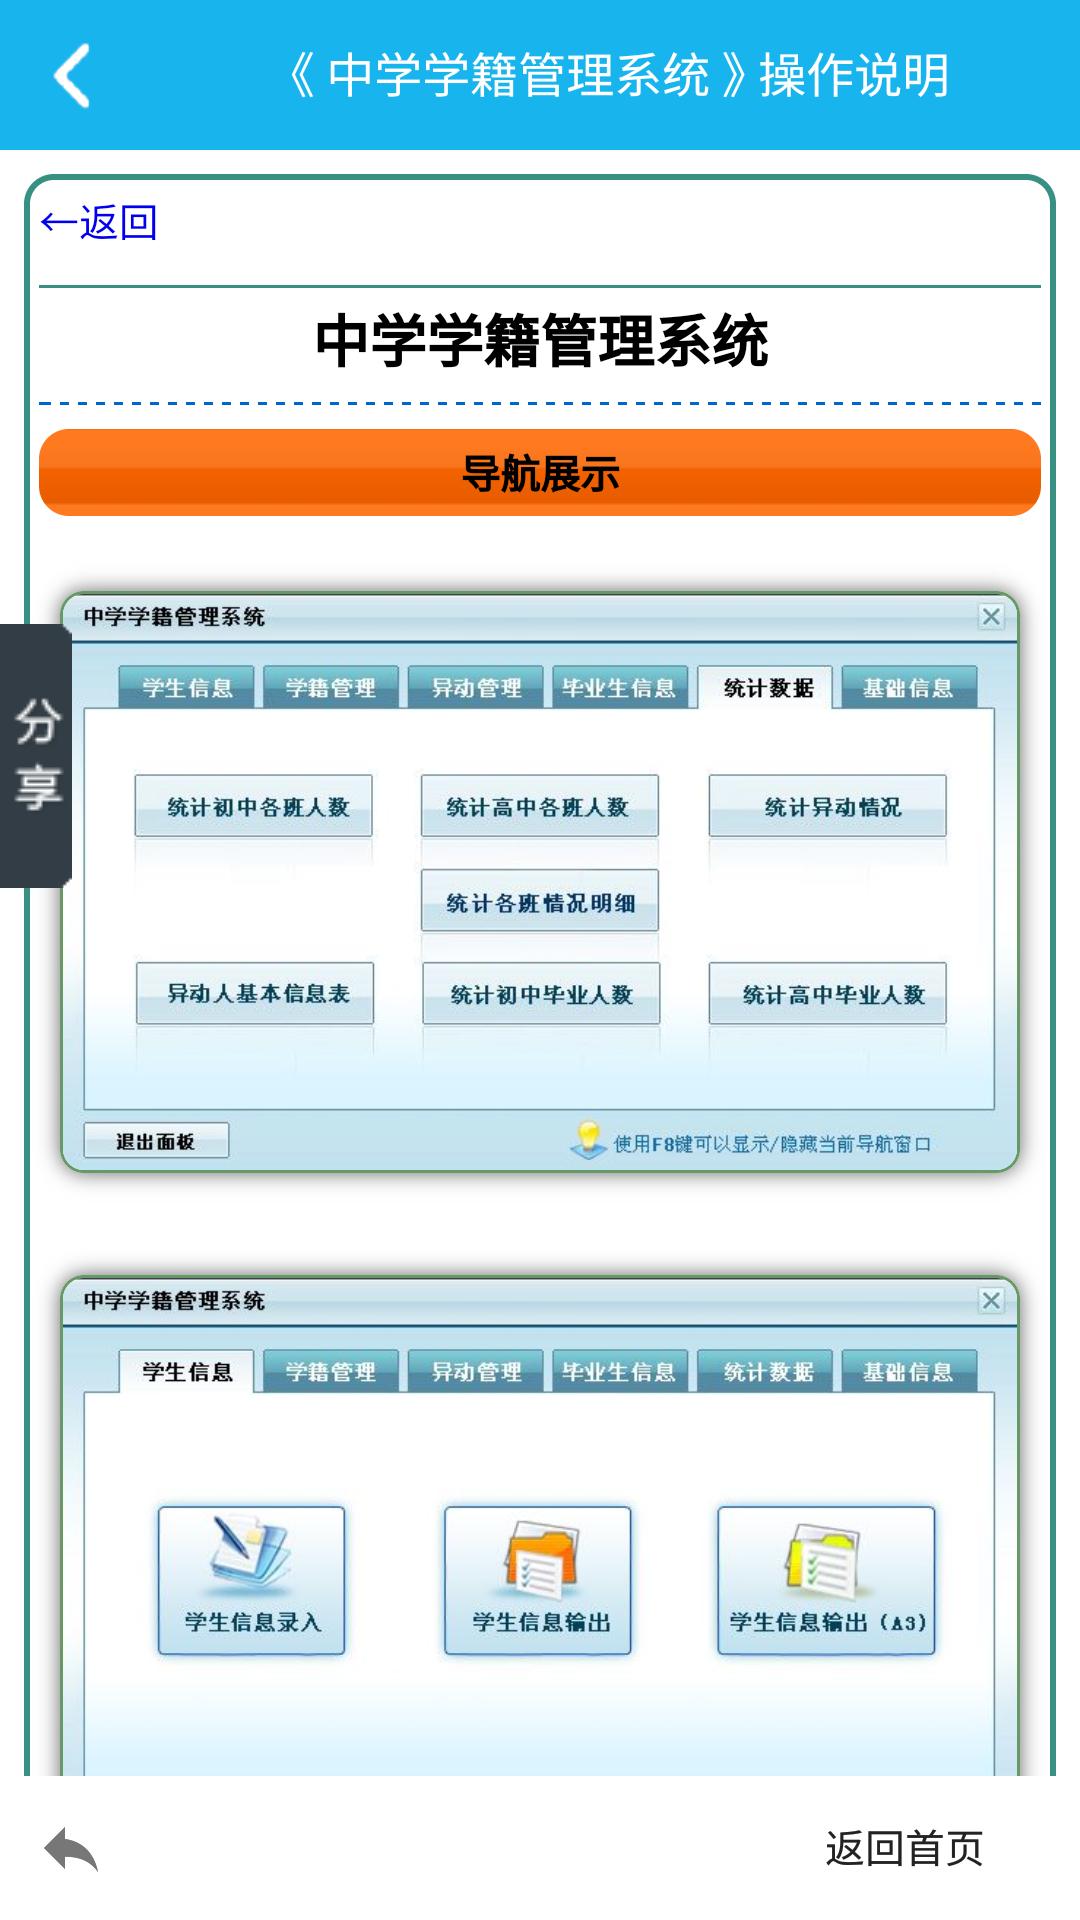 中学学籍管理系统